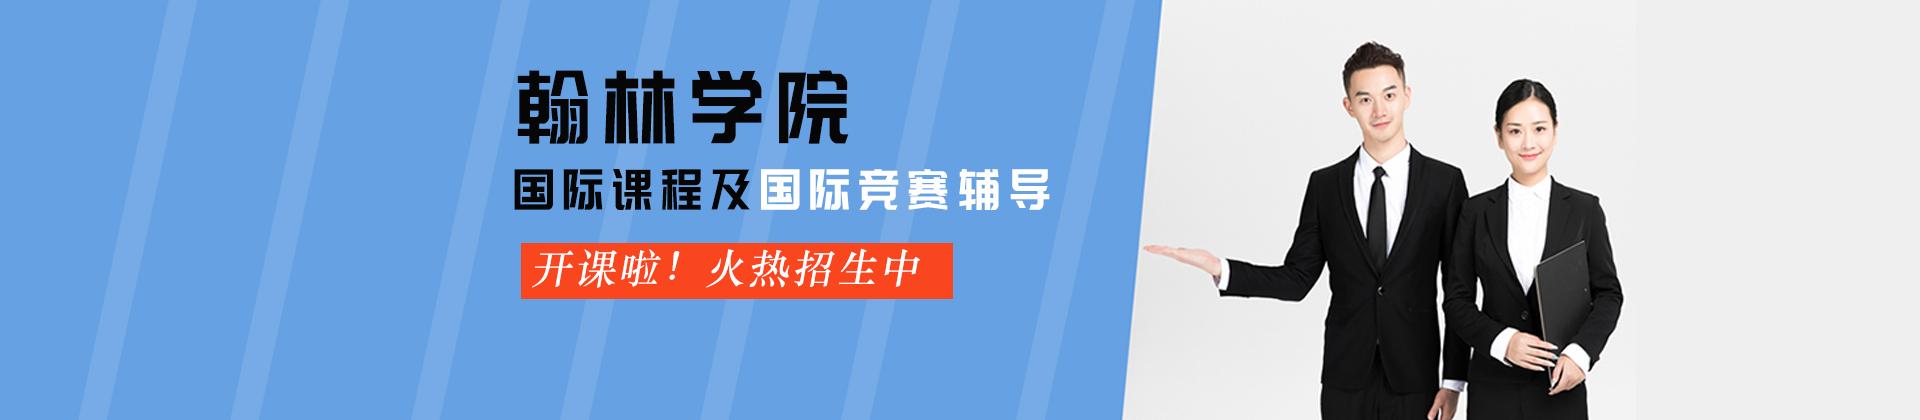 广州翰林教育